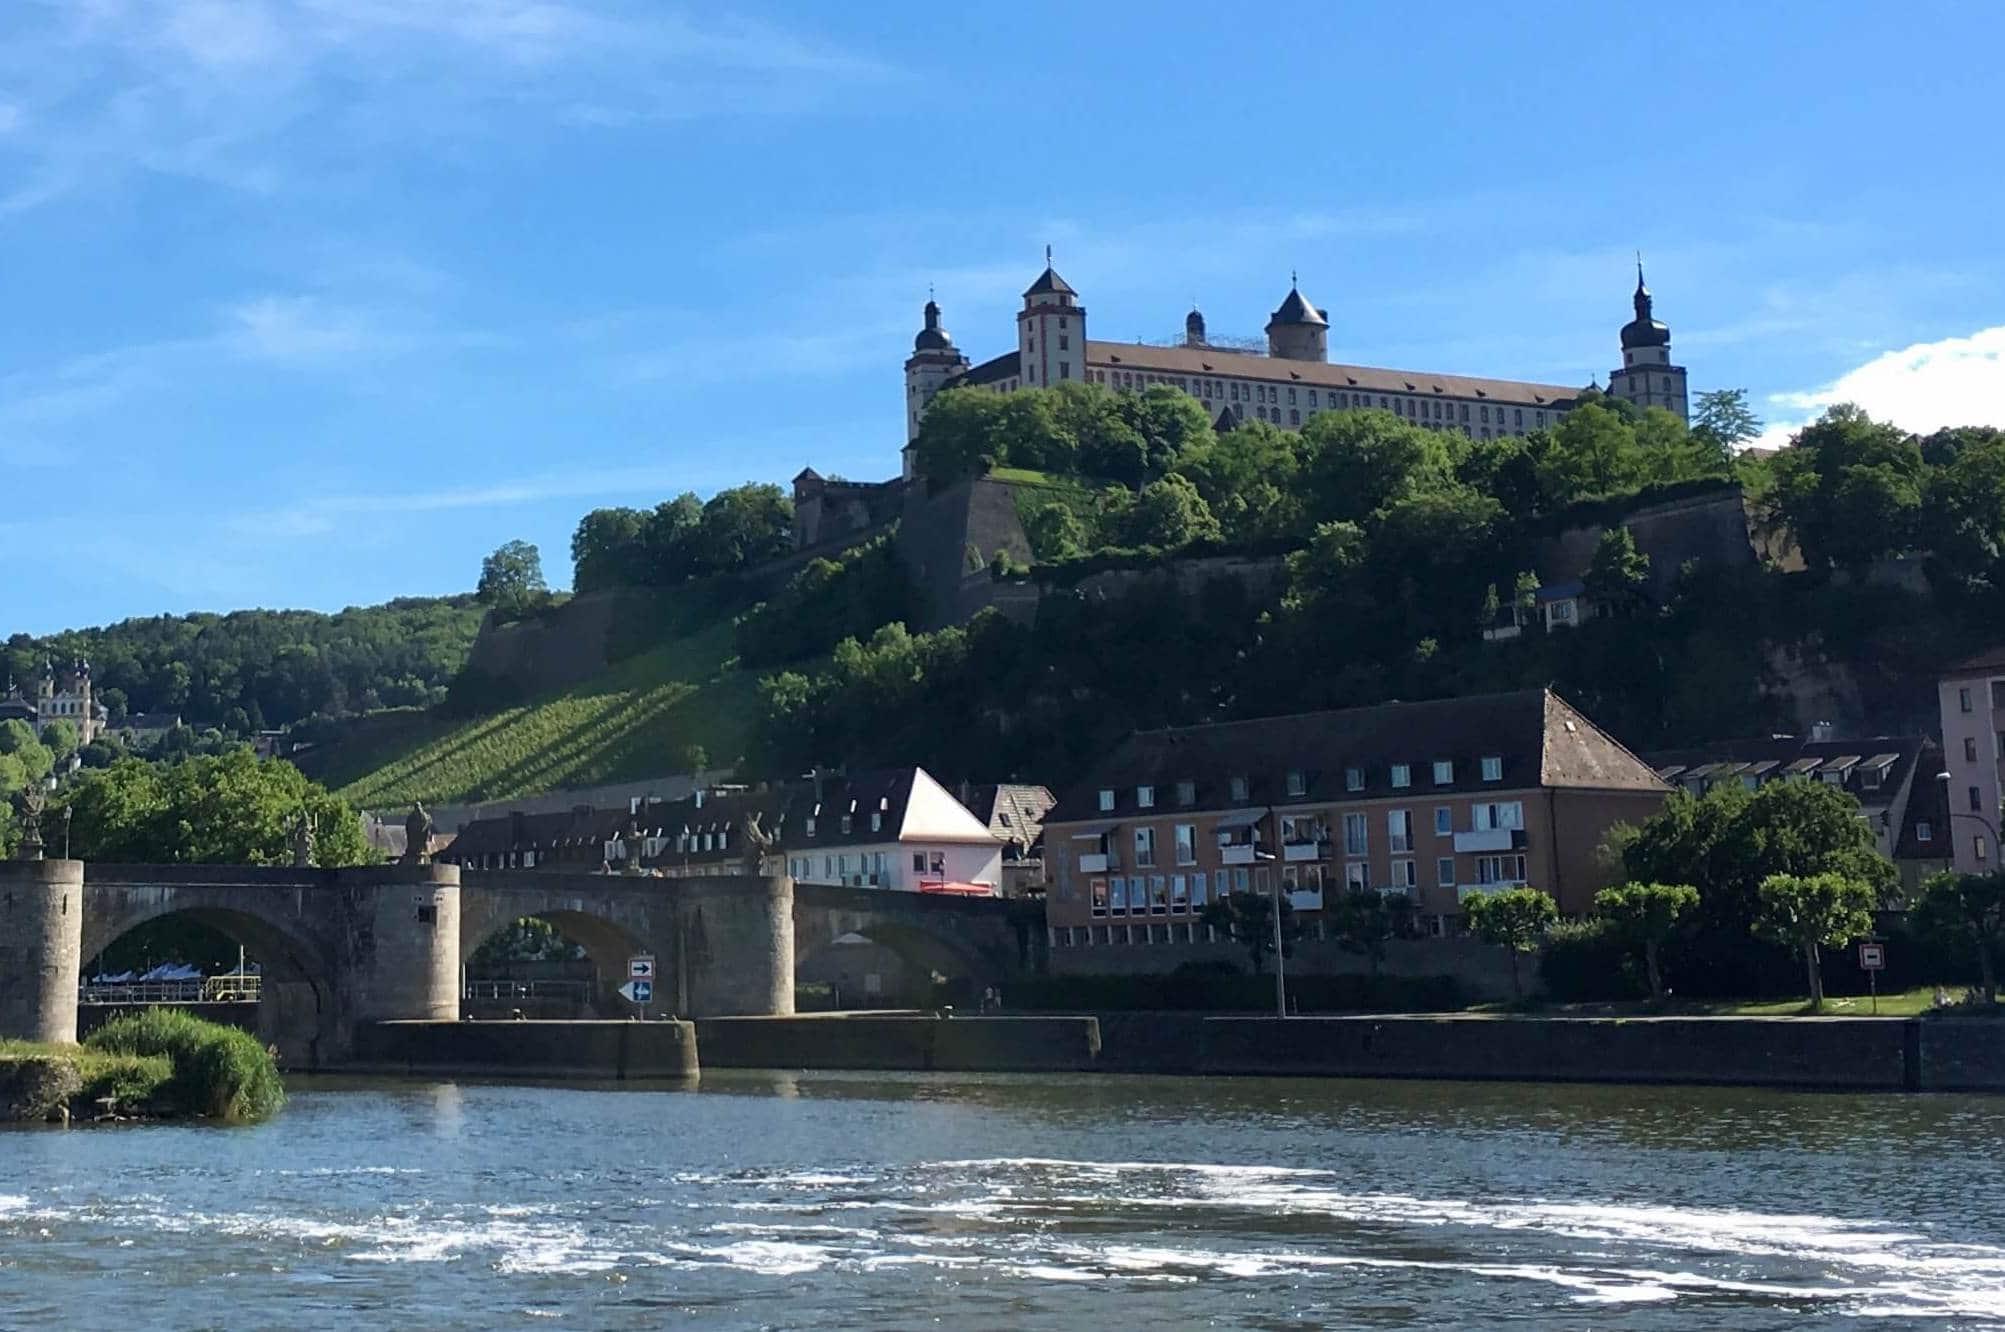 Festung Marienberg vom Main aus gesehen